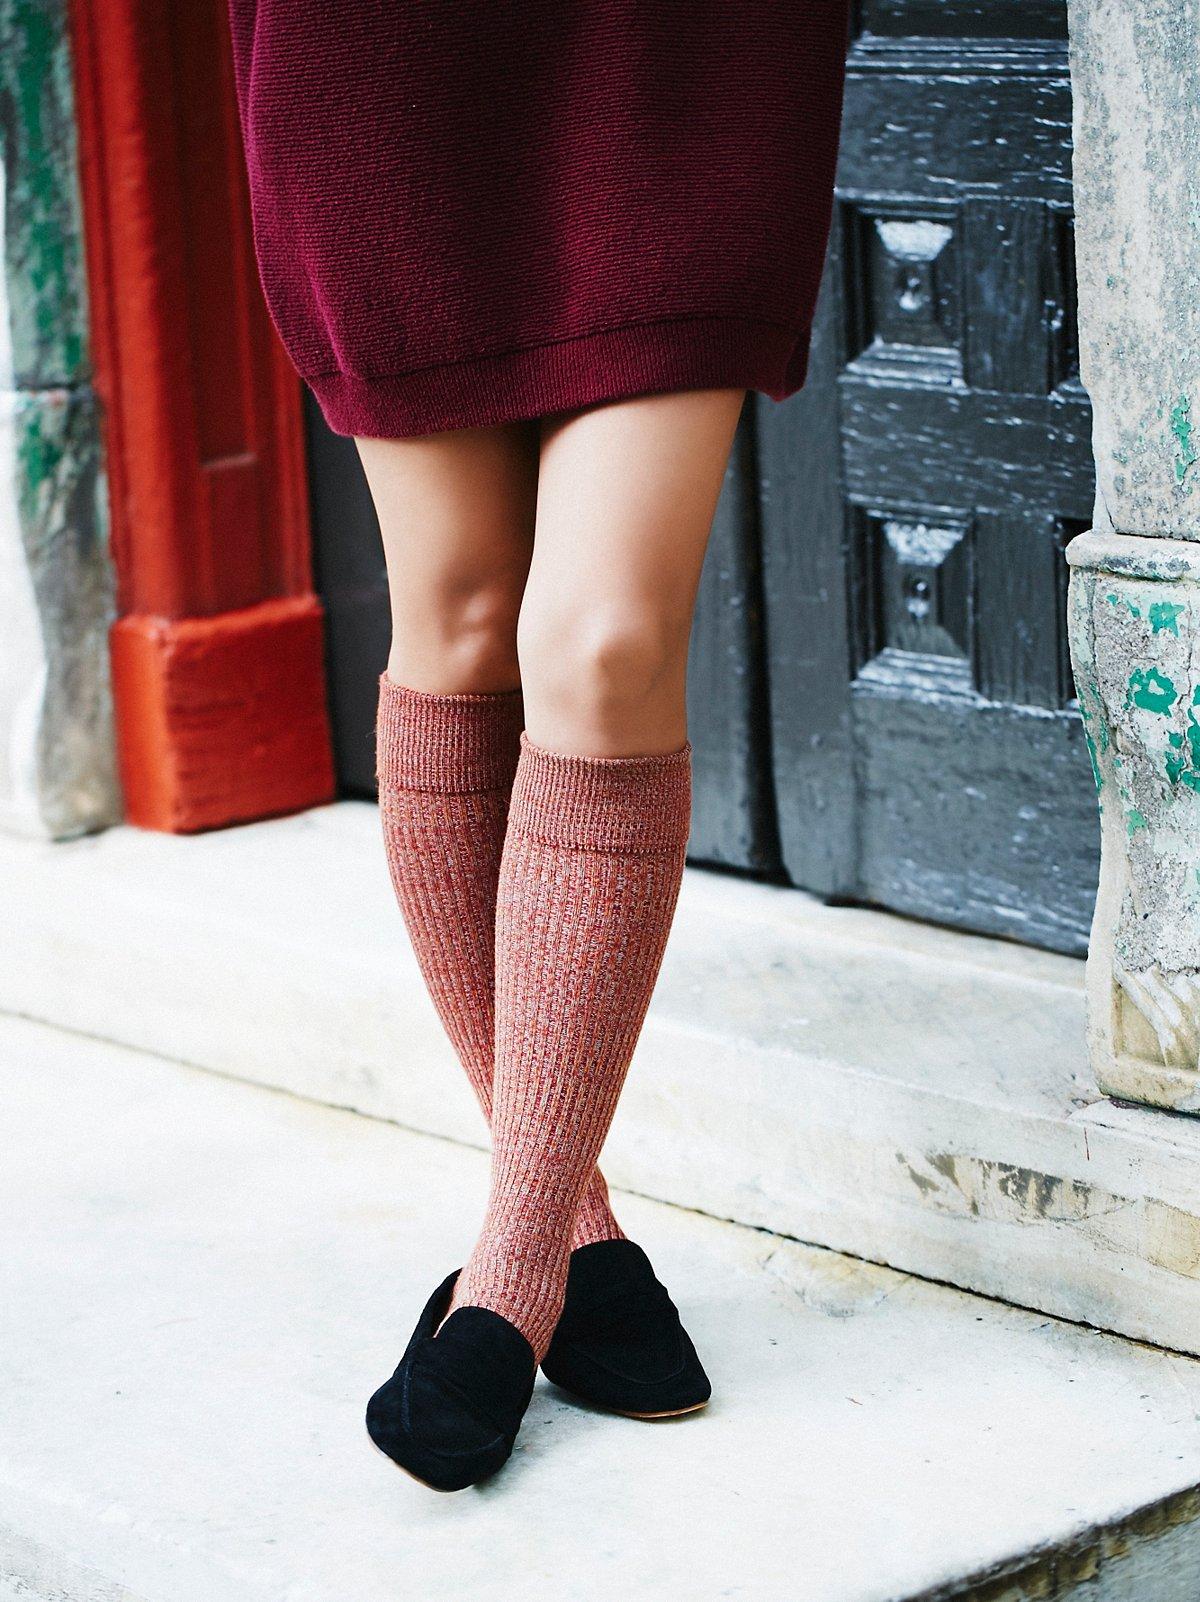 Bellevue及膝袜